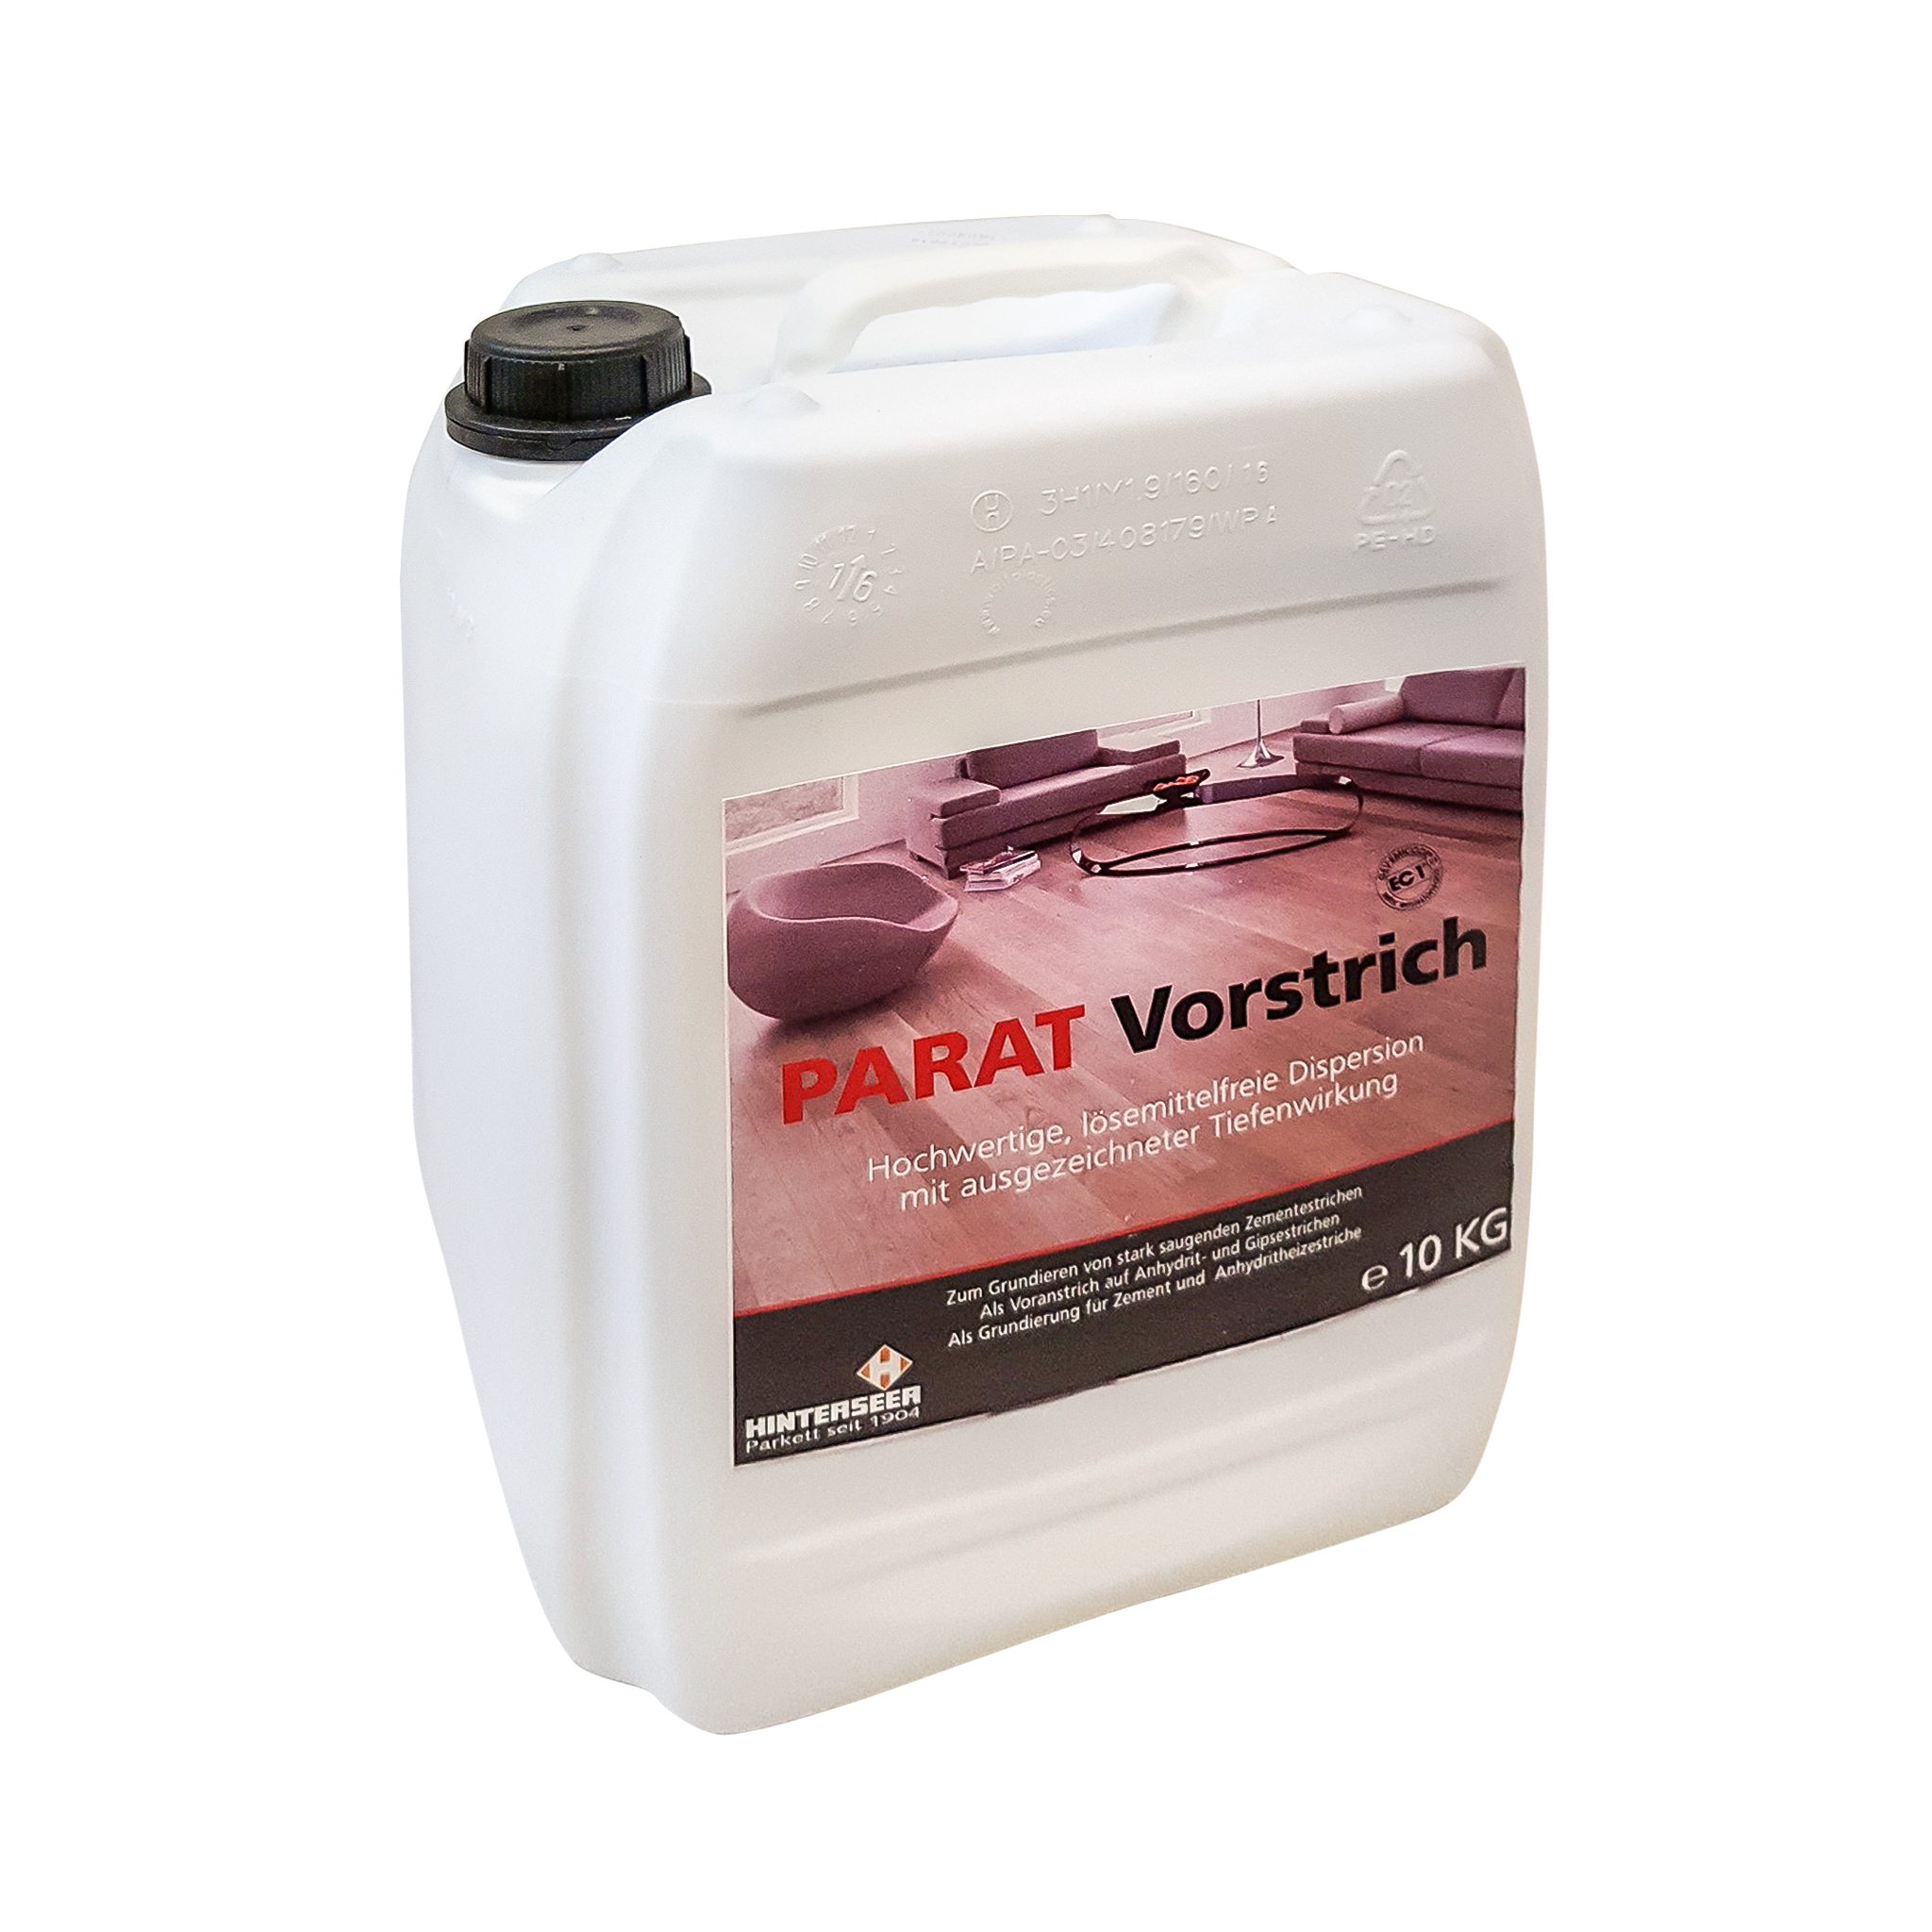 PARAT Vorstrich D7  10Kg